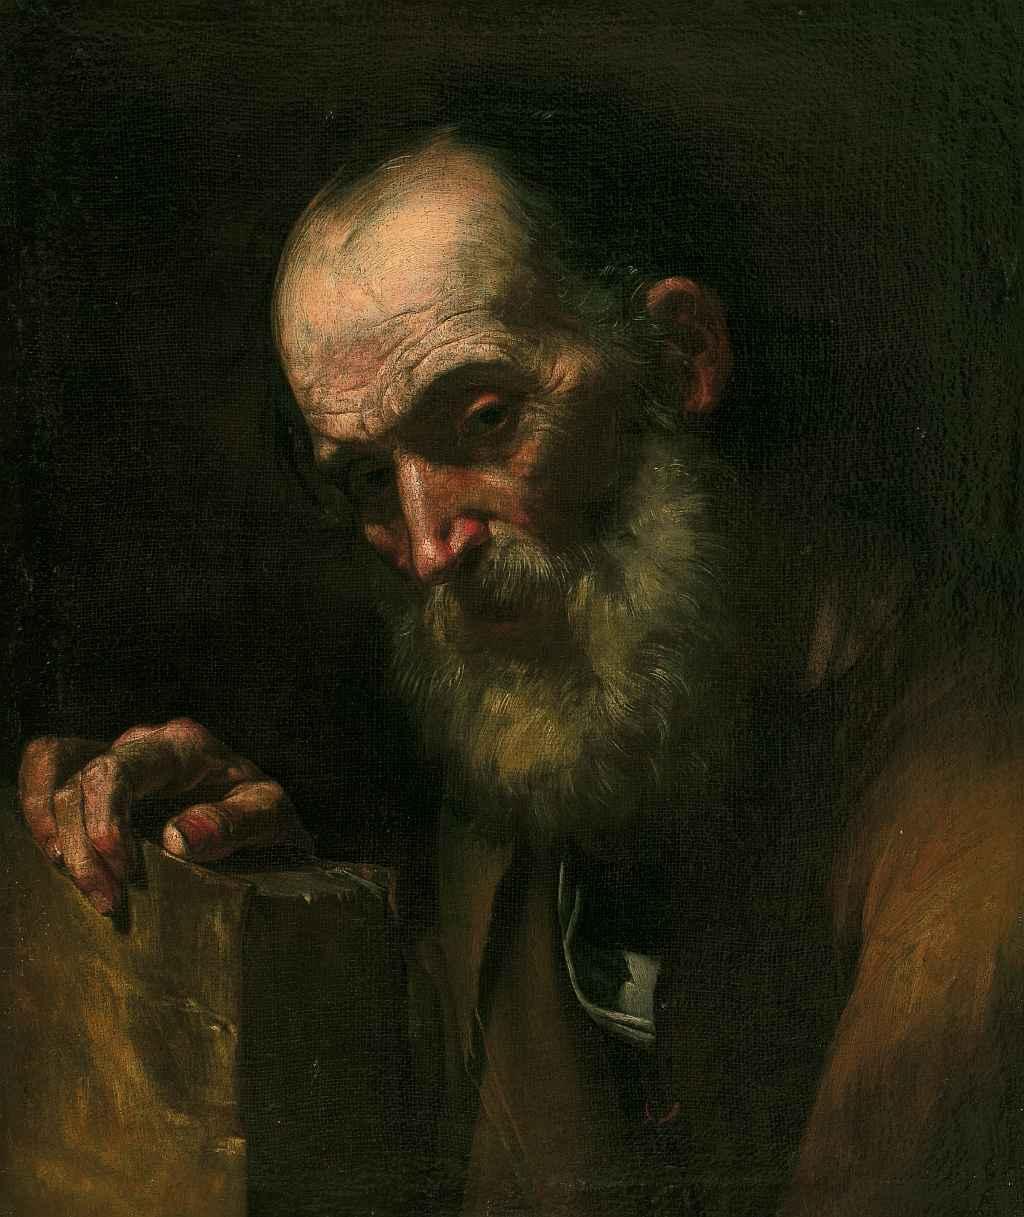 Cuatro Caravaggistas. Bassetti, Borgianni, Caracciolo y Ribera